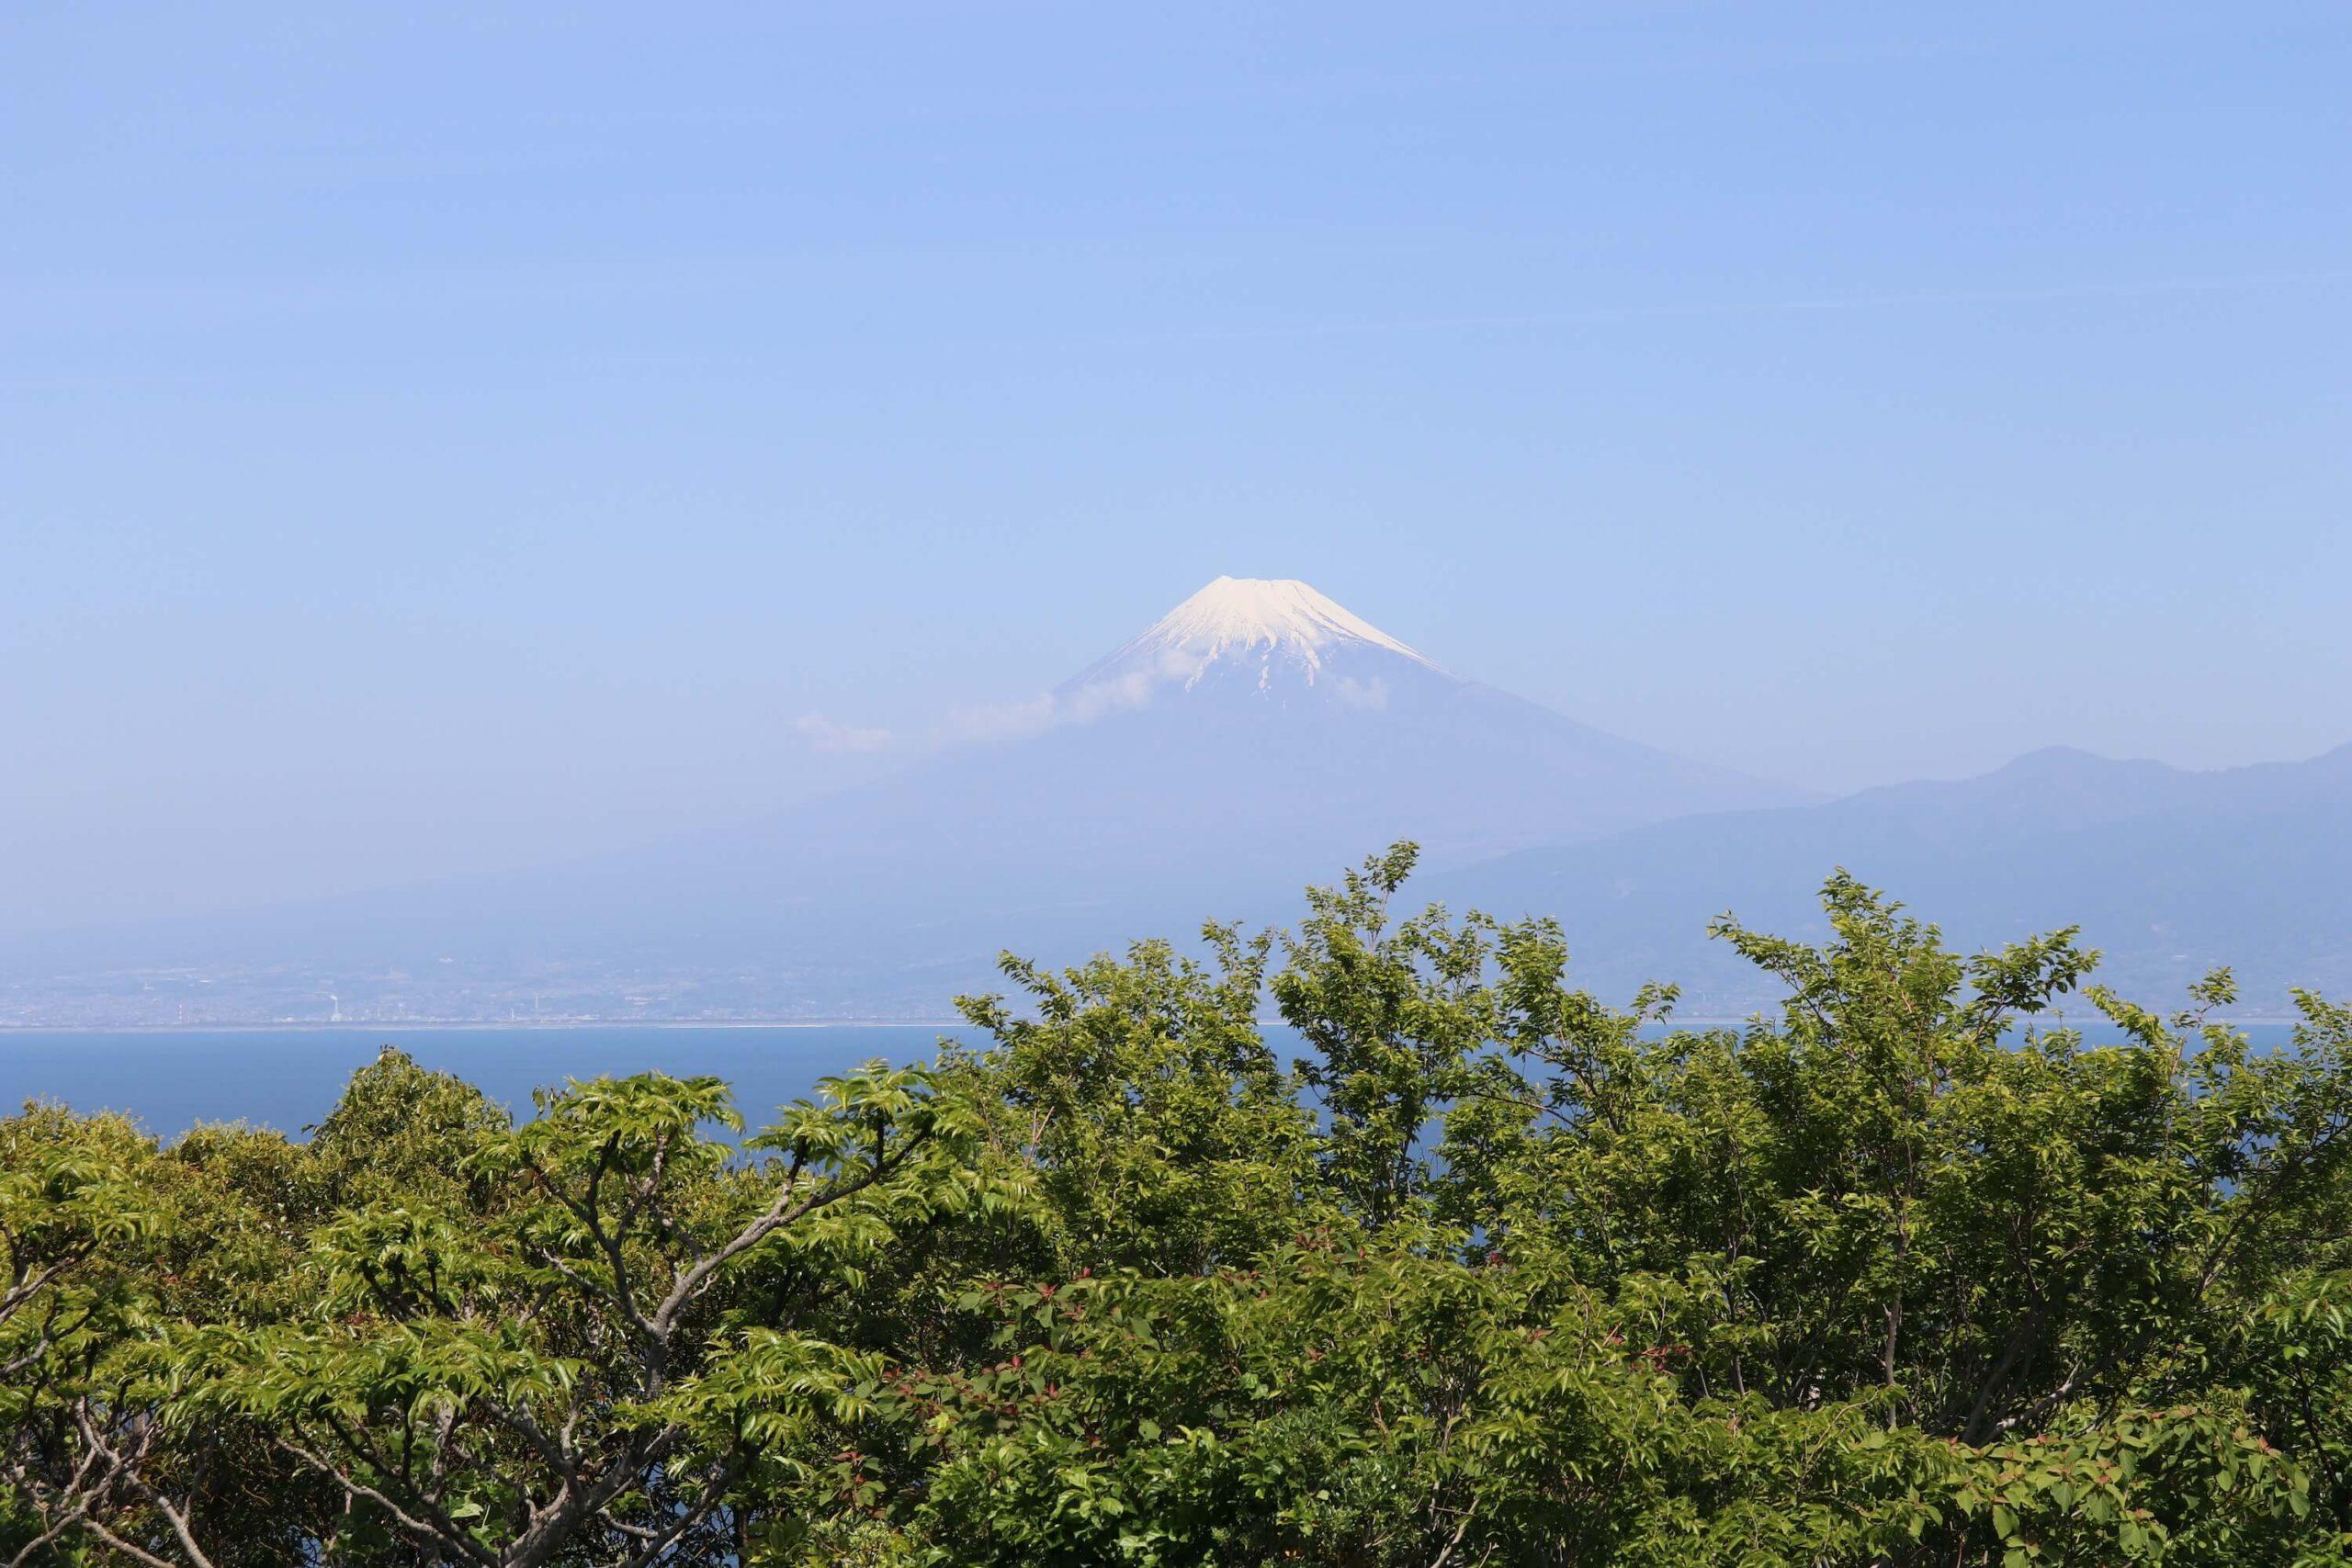 戸田の出会岬と富士山